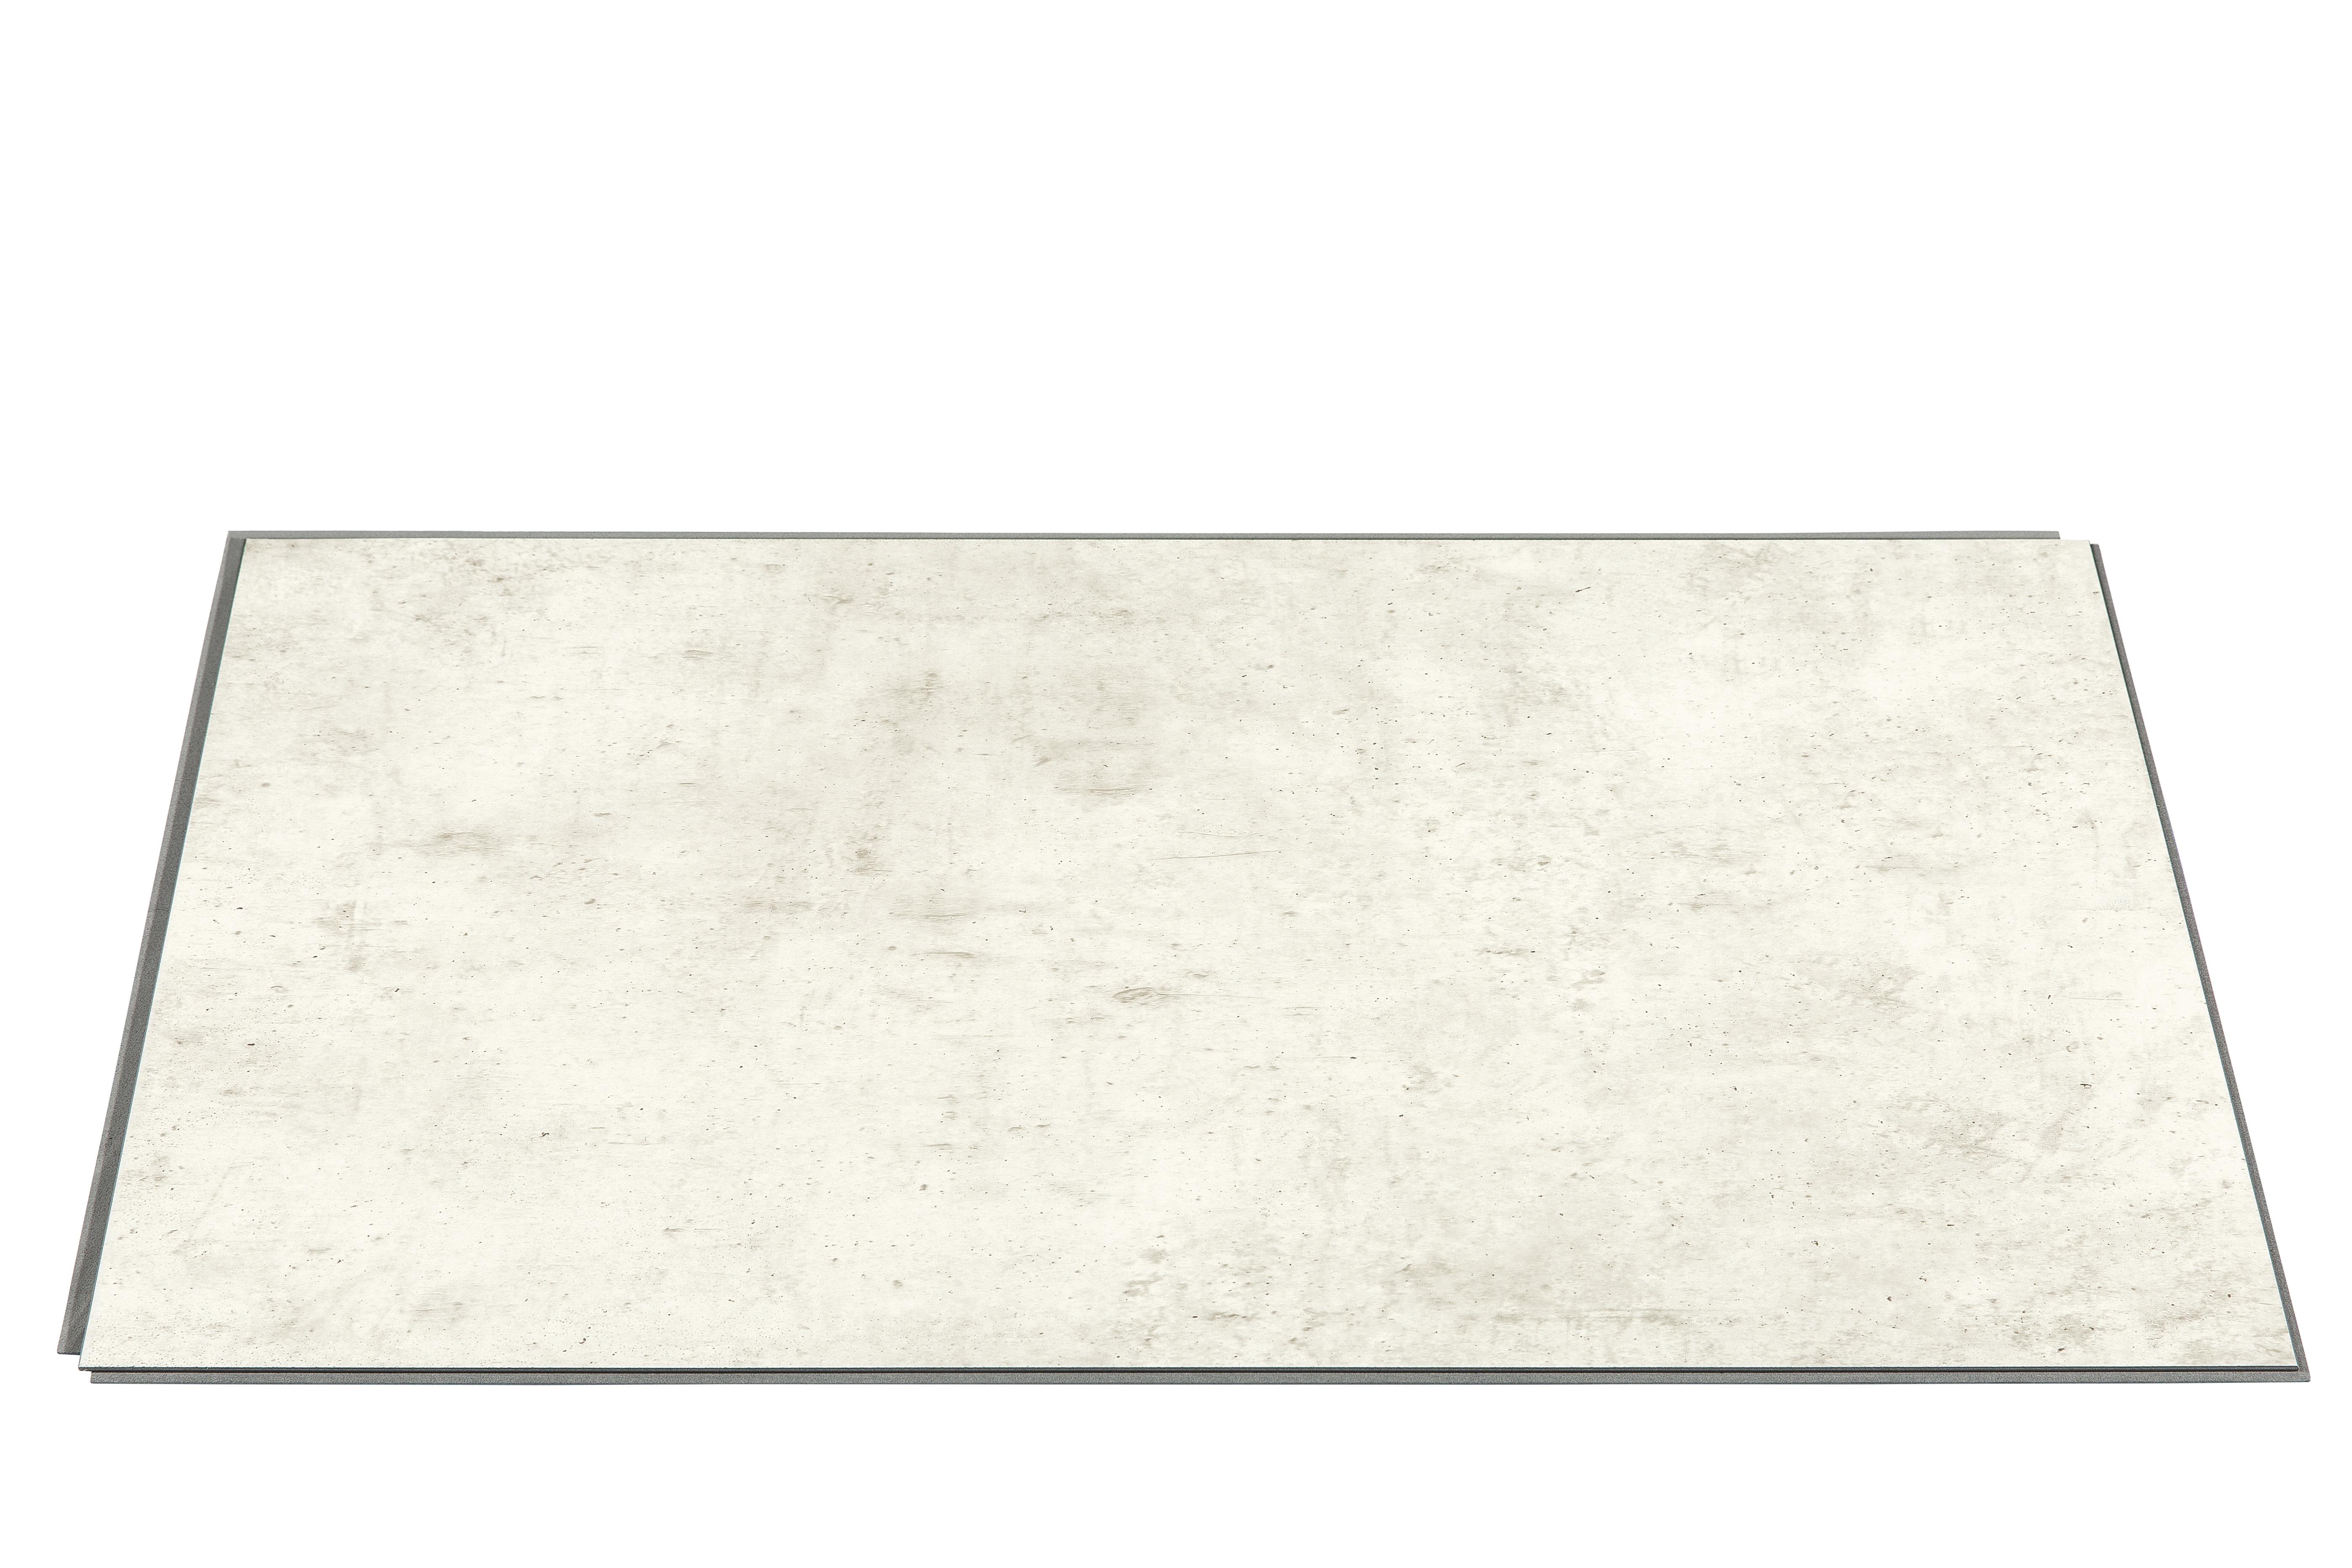 Dumawall Salle De Bain dalle en pvc ciment clair 65 x 37,5 cm 8 pièces dumawall - mr.bricolage